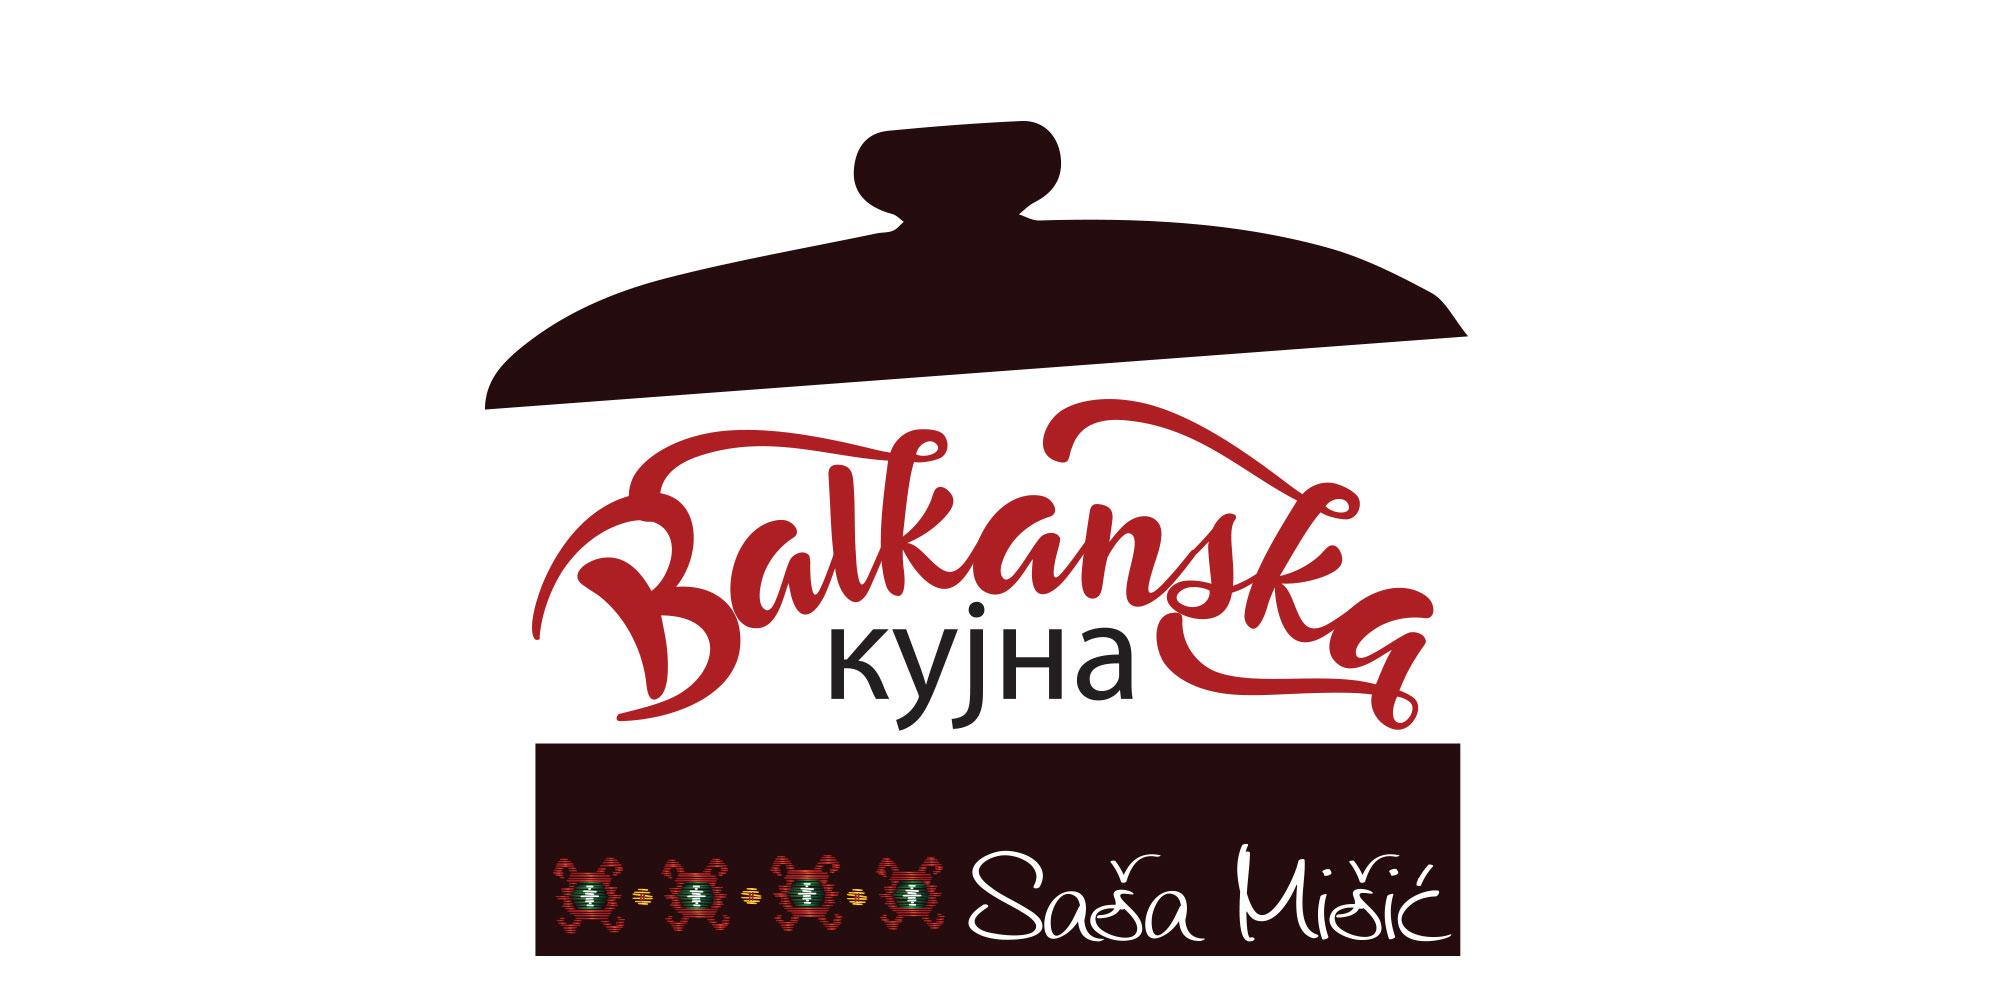 balkanska kujna logo 1